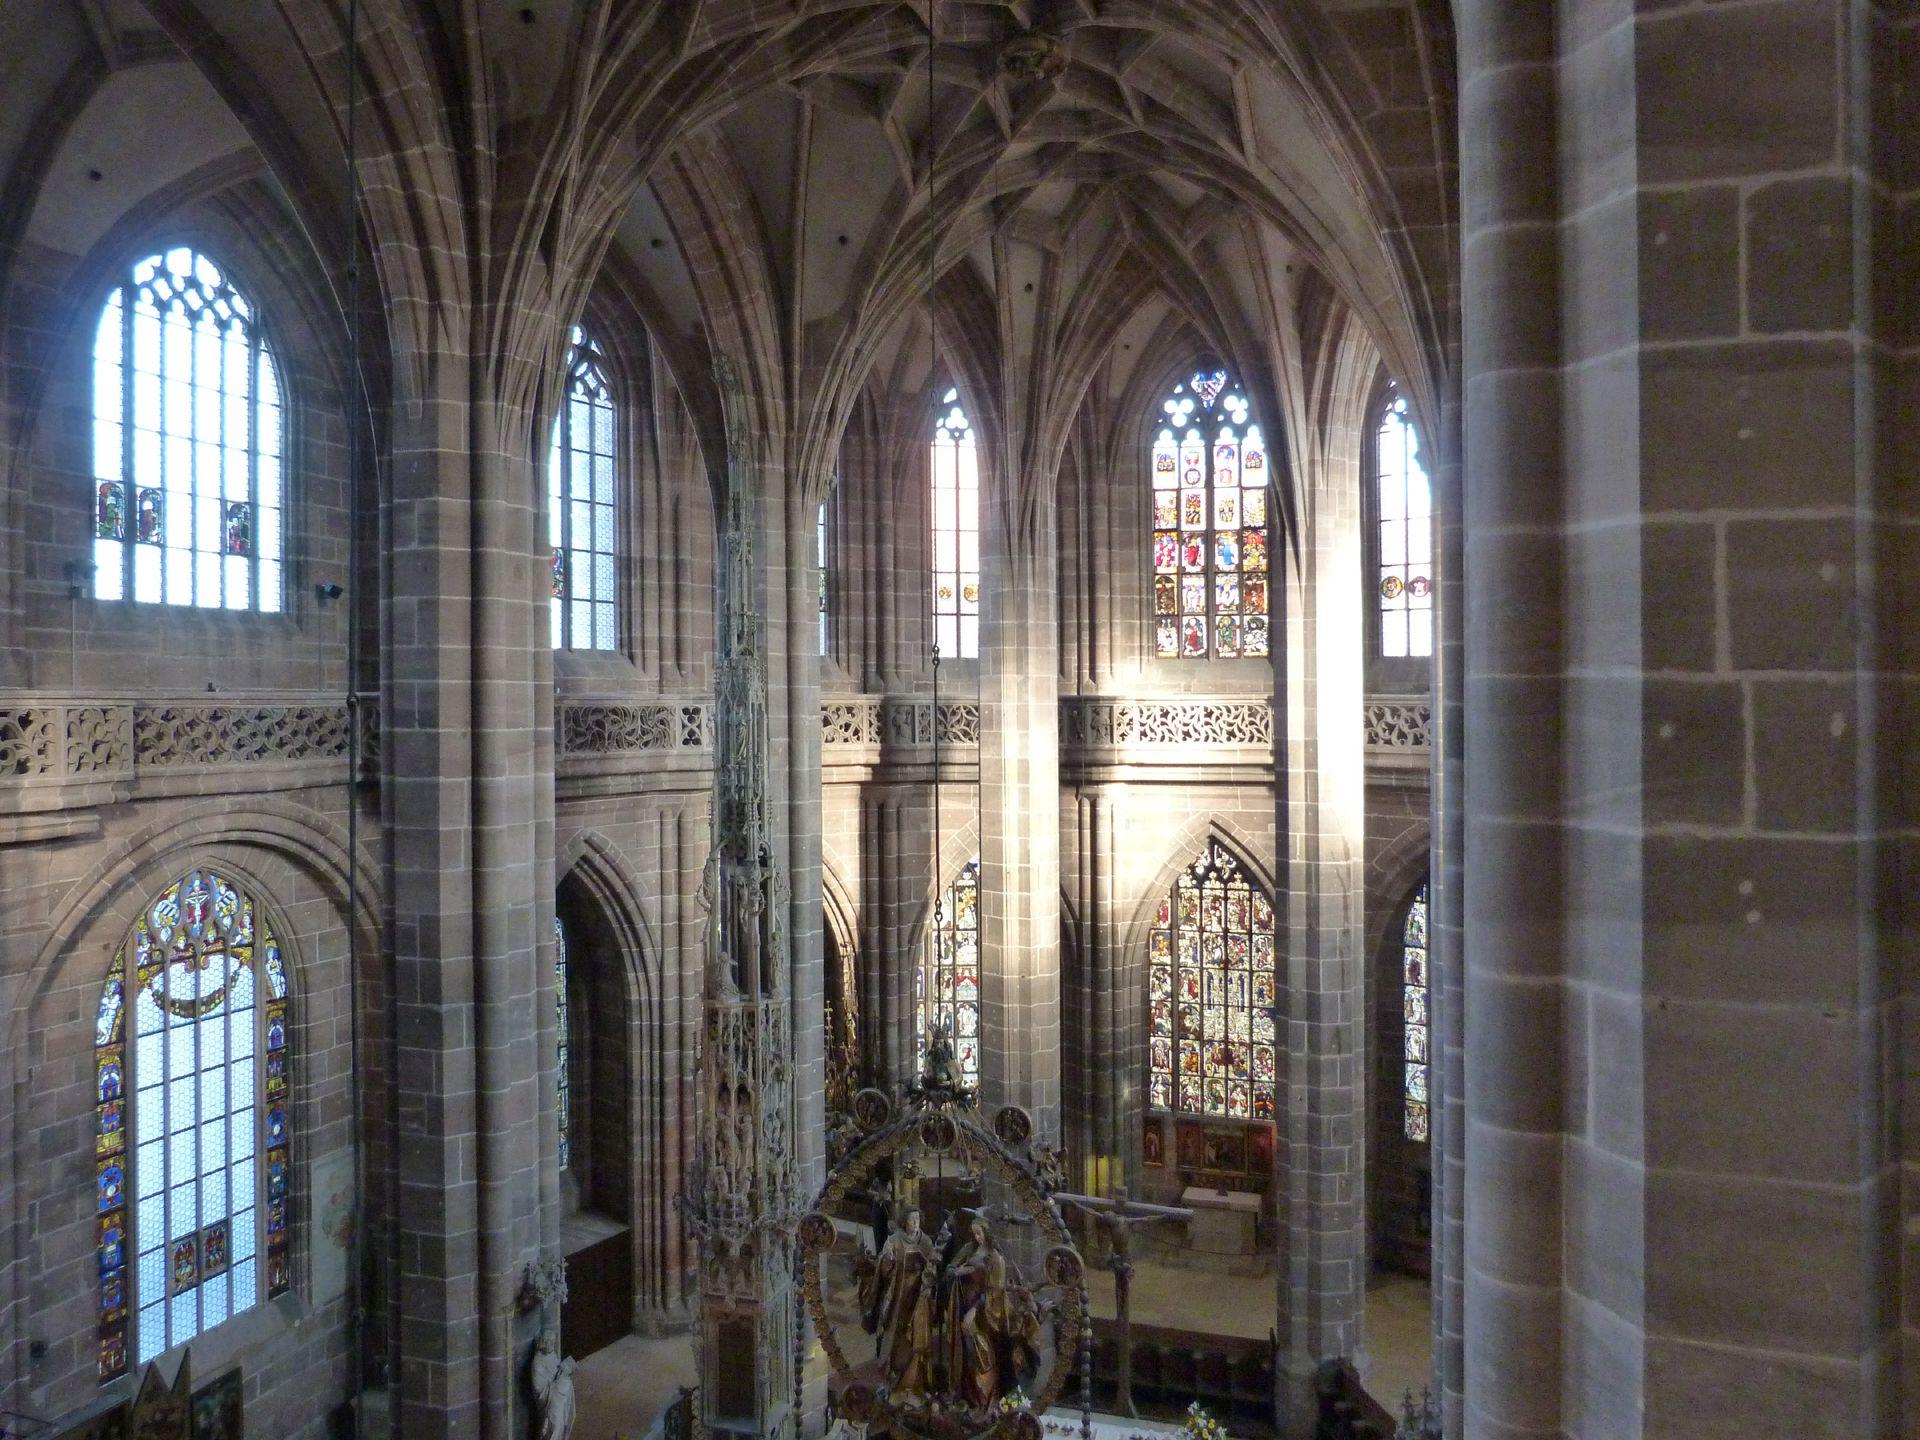 St. Lorenz, Chor Innenansicht vom südlichen Laufgang aus